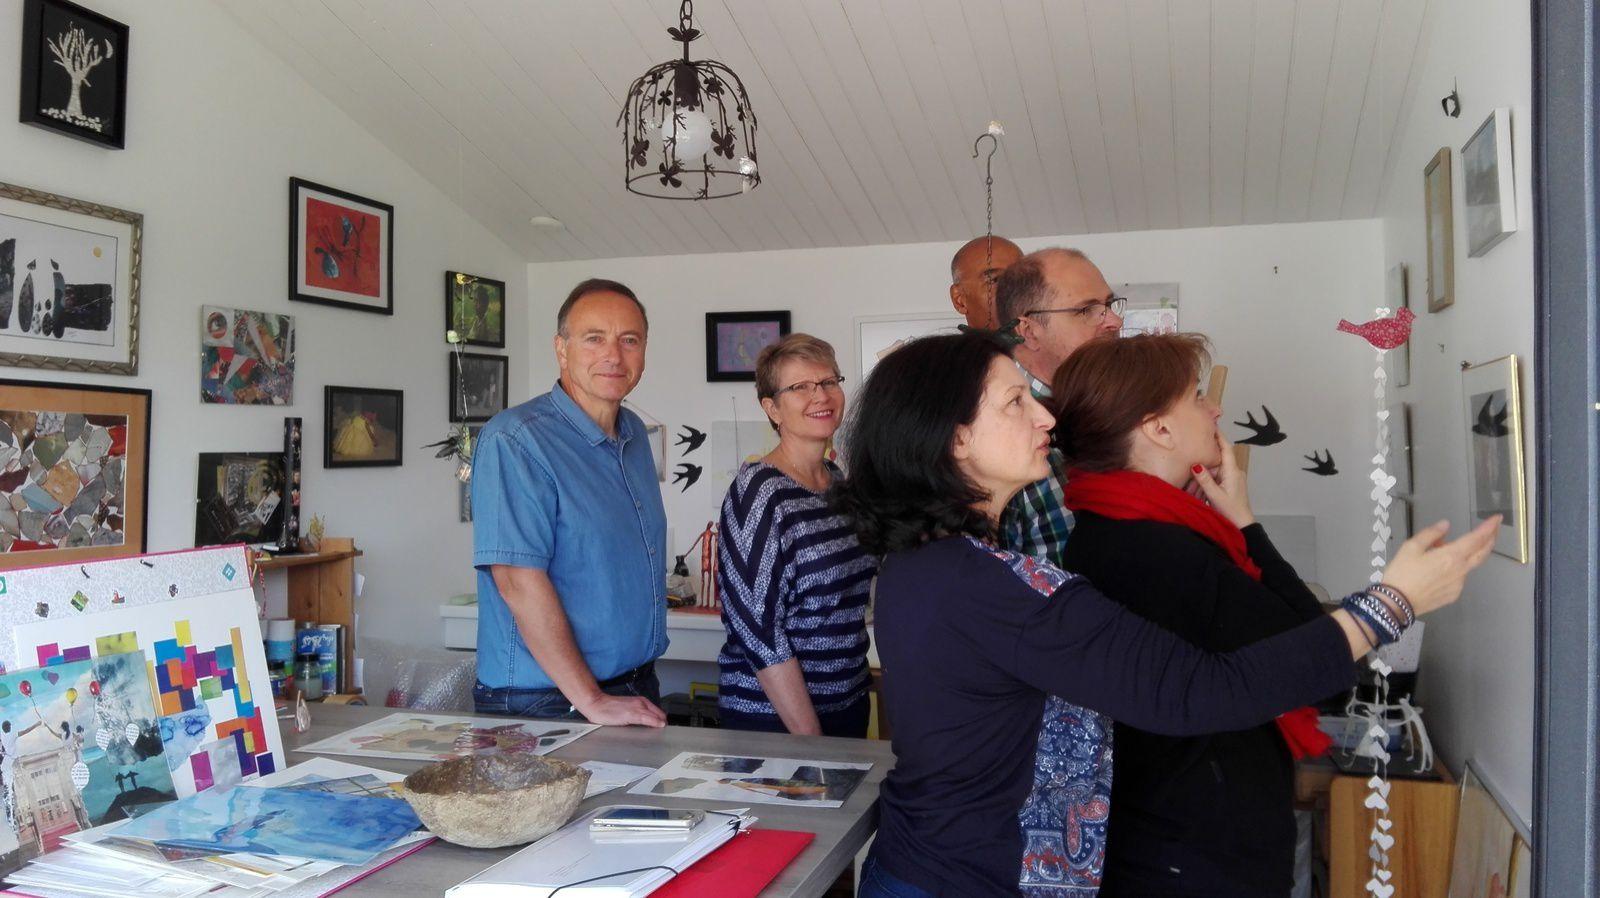 Quelques visiteurs à l'atelier d'eMmA MessanA à Saint-Urbain (Vendée) le 8 mai 2017